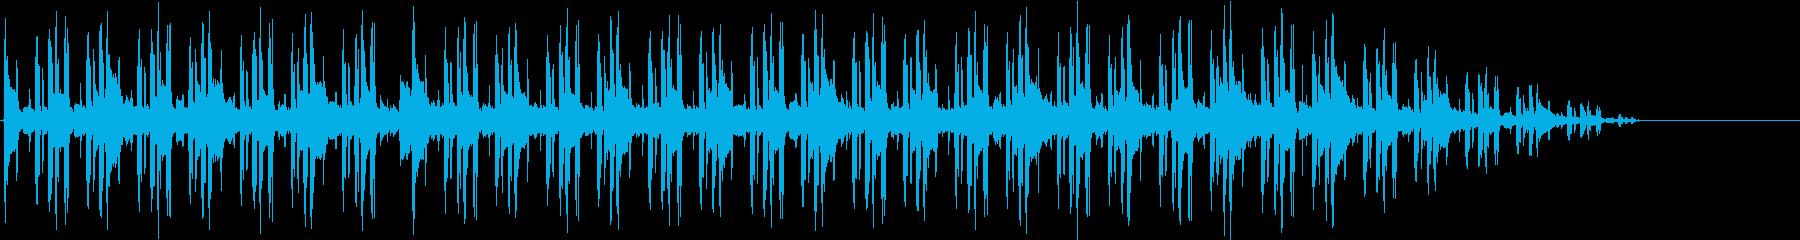 ヒップホップ楽器。本当の「都会的」...の再生済みの波形